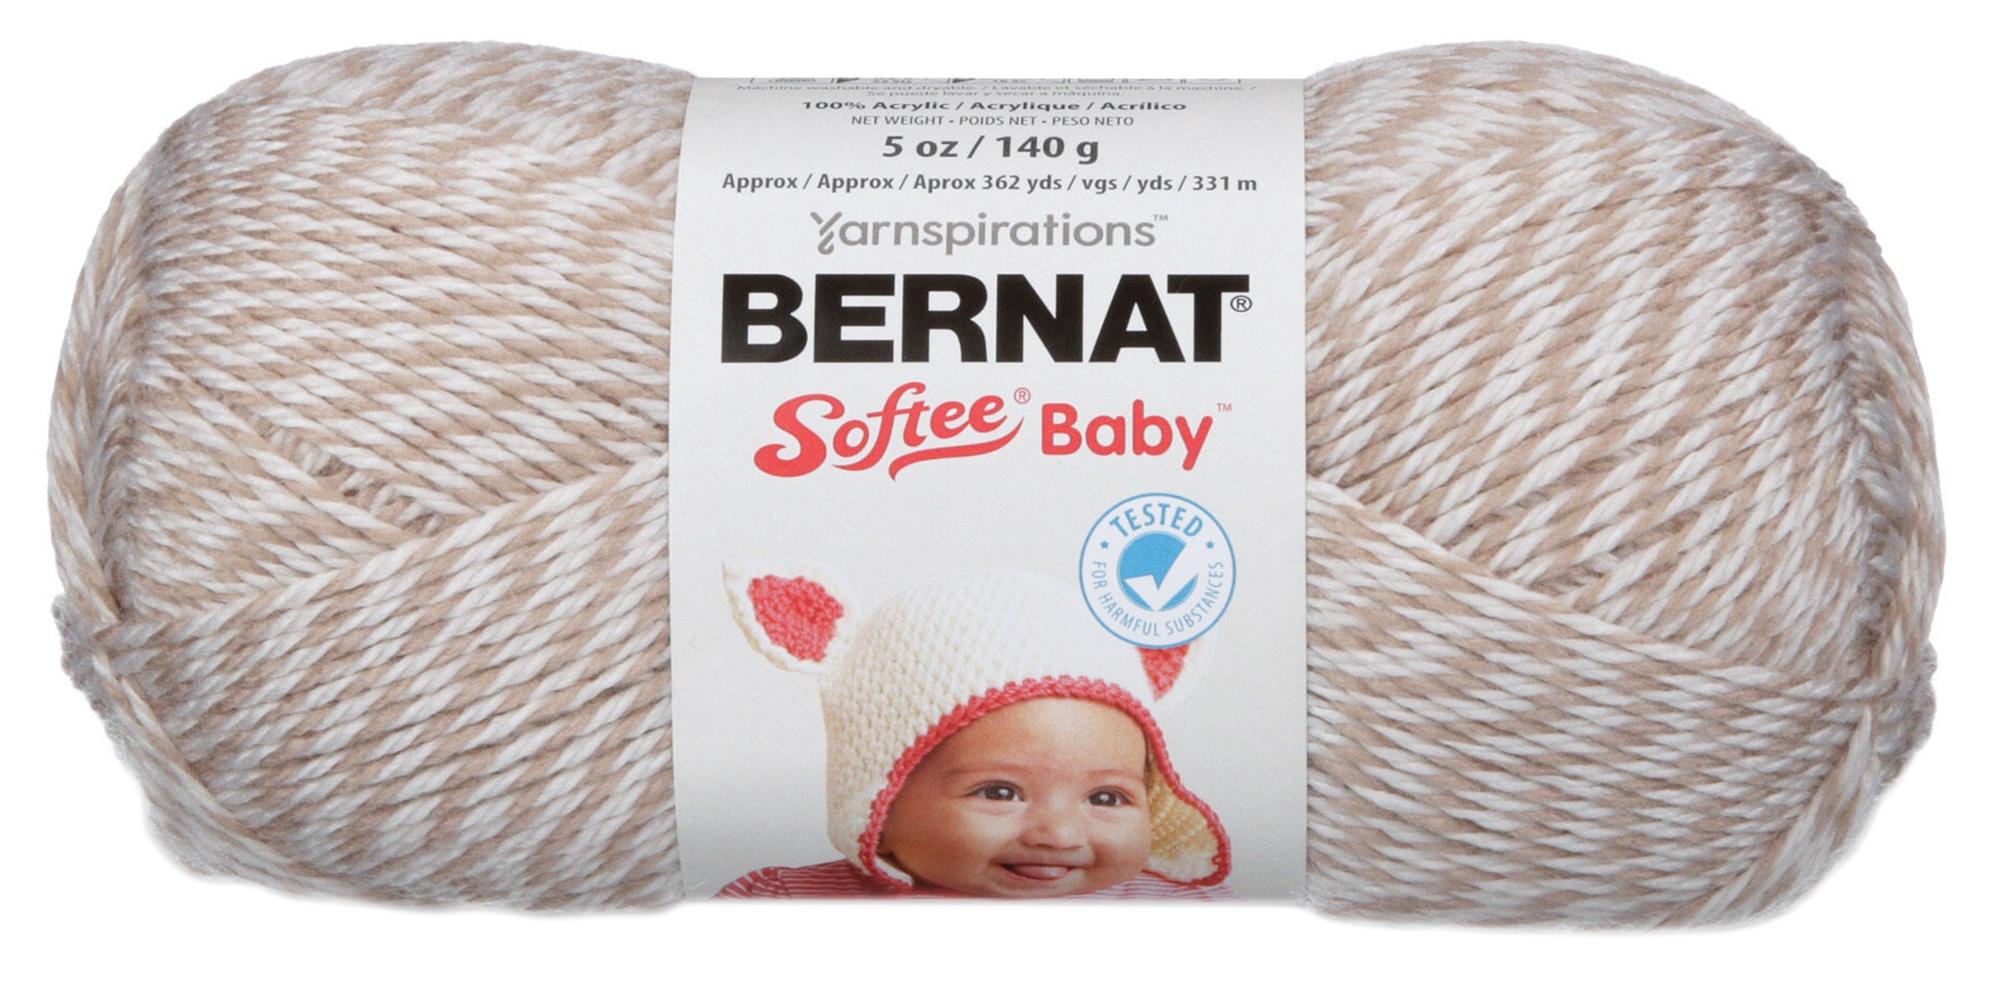 Solids-Little Mouse Marl 166030-30011 Bernat Softee Baby Yarn